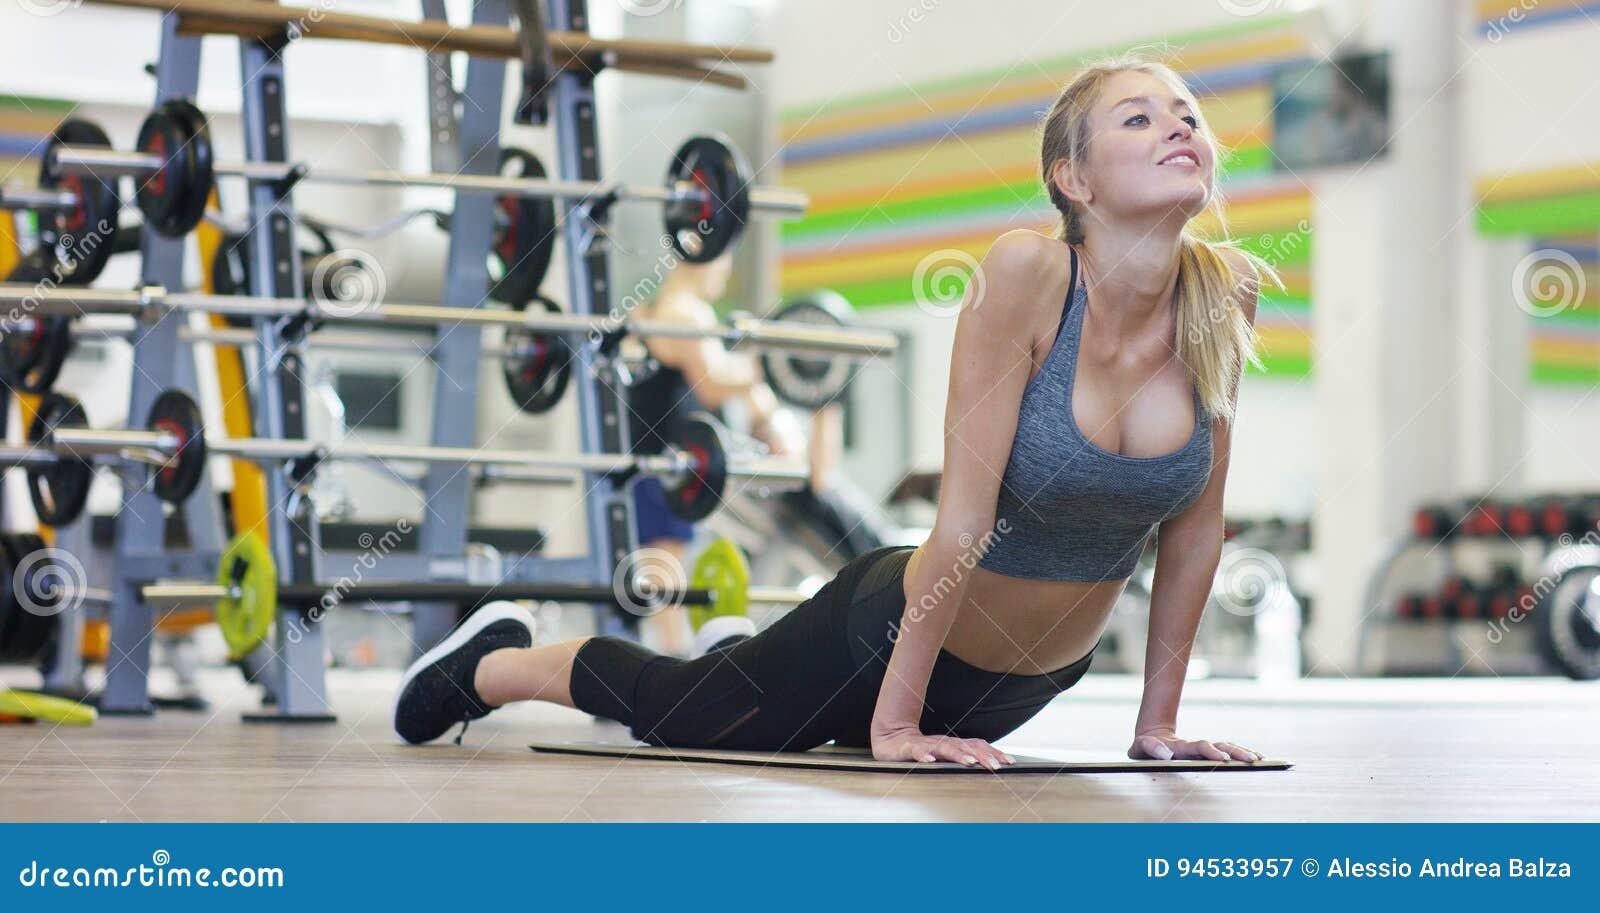 Une jeune belle fille dans un gymnase, se penchant sur ses mains, secoue la presse, faisant de longues étapes, pliant ses genoux